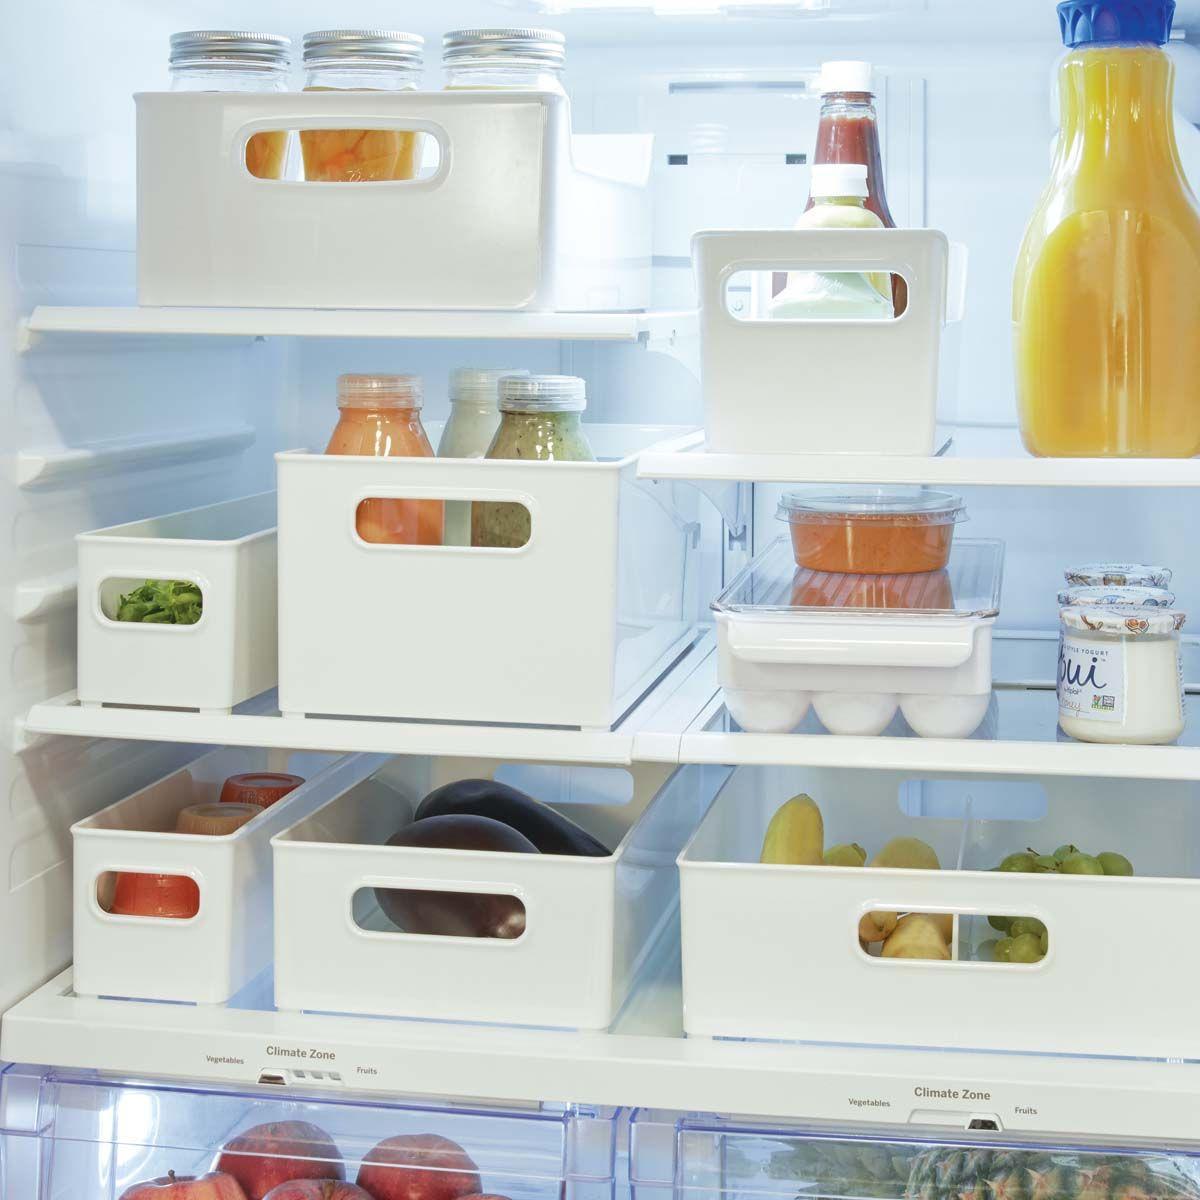 Bac de rangement condiments - réfrigérateur